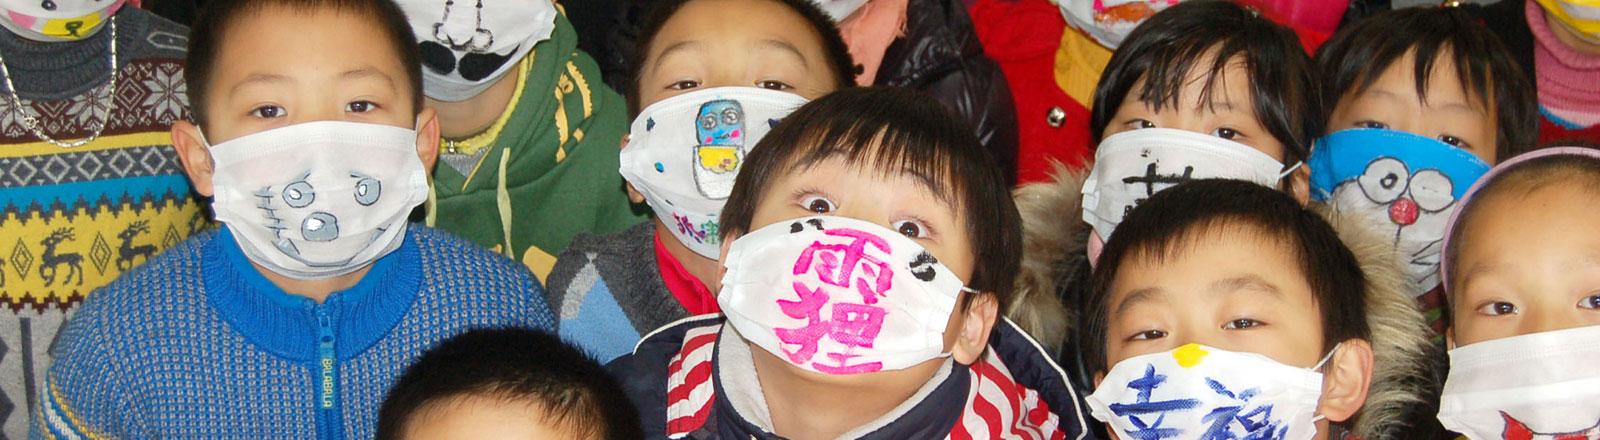 Chinesische Kinder haben Gesichtsmasken bemalt und lernen im Unterricht über den Umgang mit Smog.